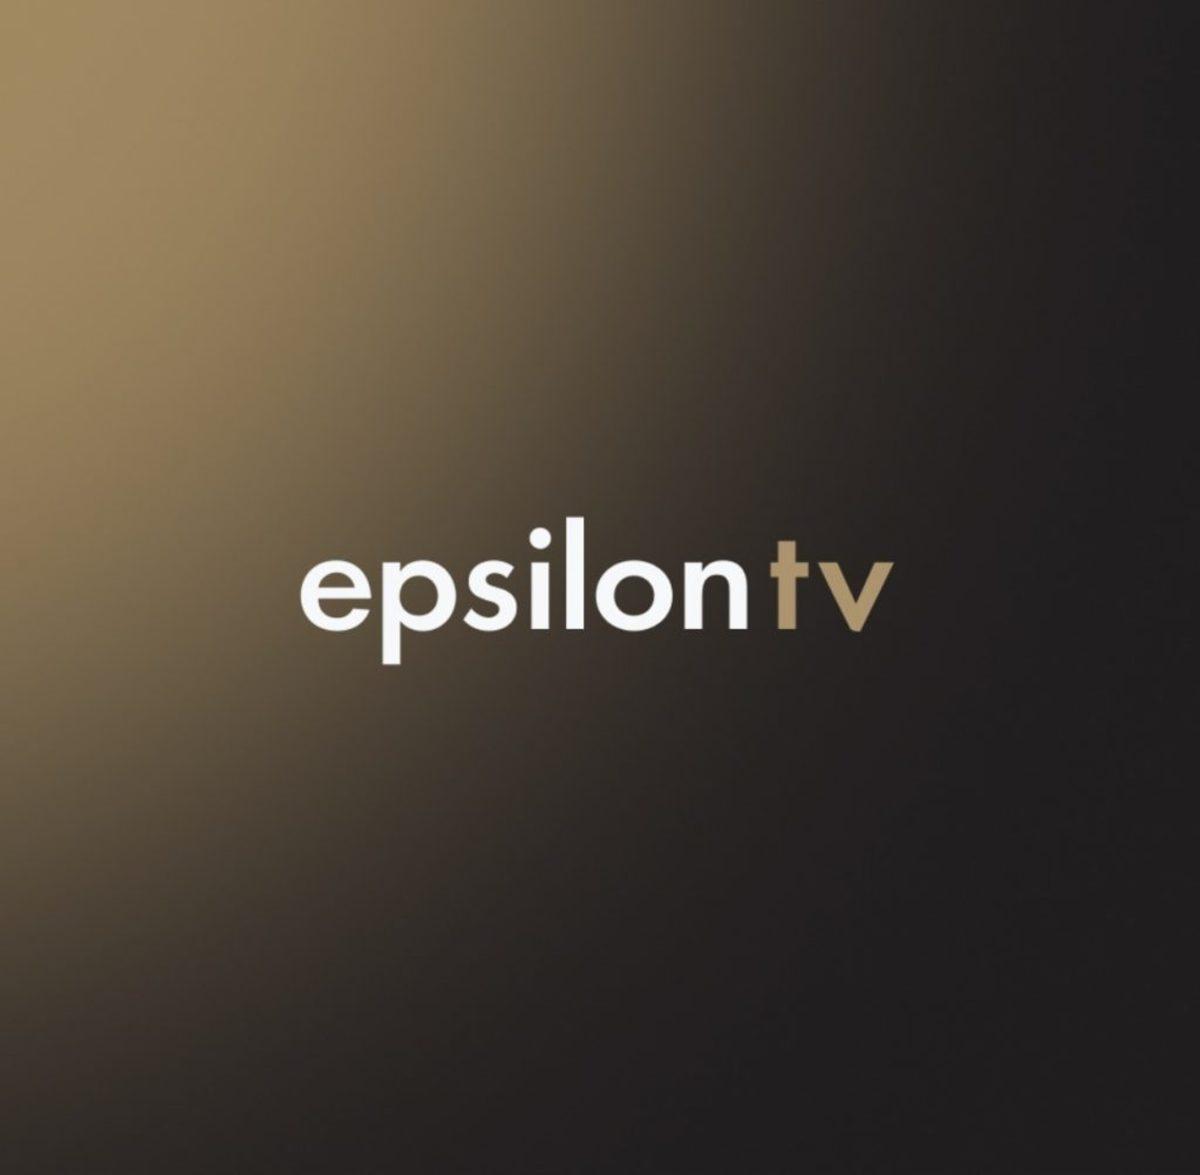 Επιστρέφει στο τηλεοπτικό τοπίο – Πότε ξεκινά και ο τίτλος της εκπομπής του | Newsit.gr